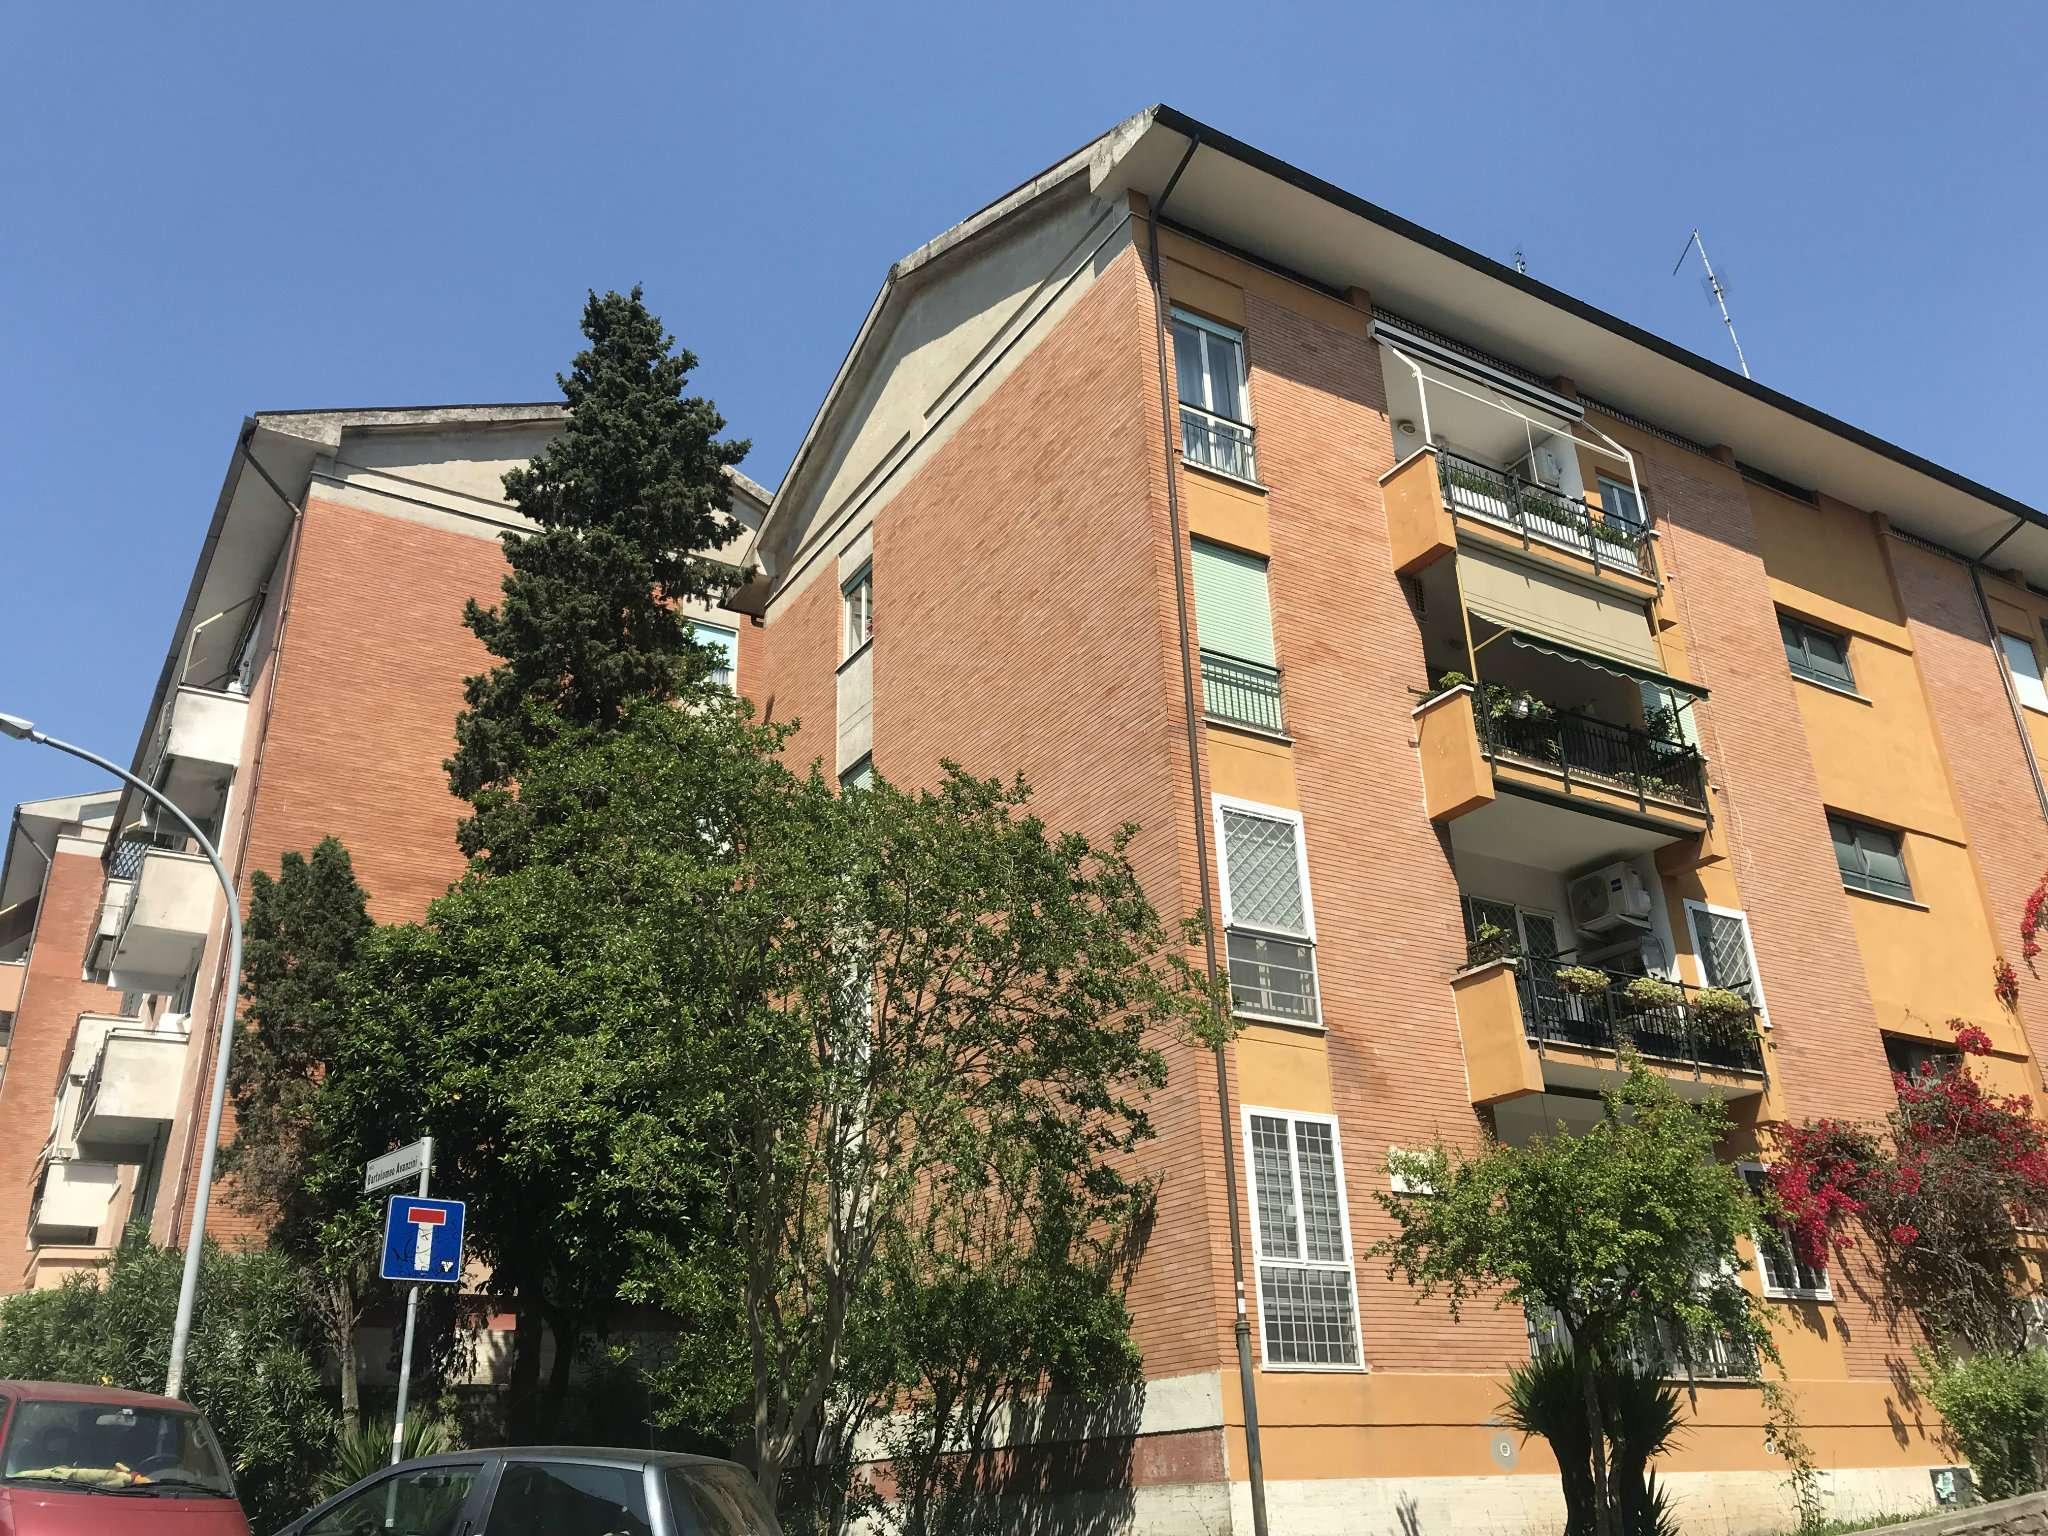 Appartamento in vendita a Roma, 3 locali, zona Zona: 24 . Gianicolense - Colli Portuensi - Monteverde, prezzo € 225.000   CambioCasa.it